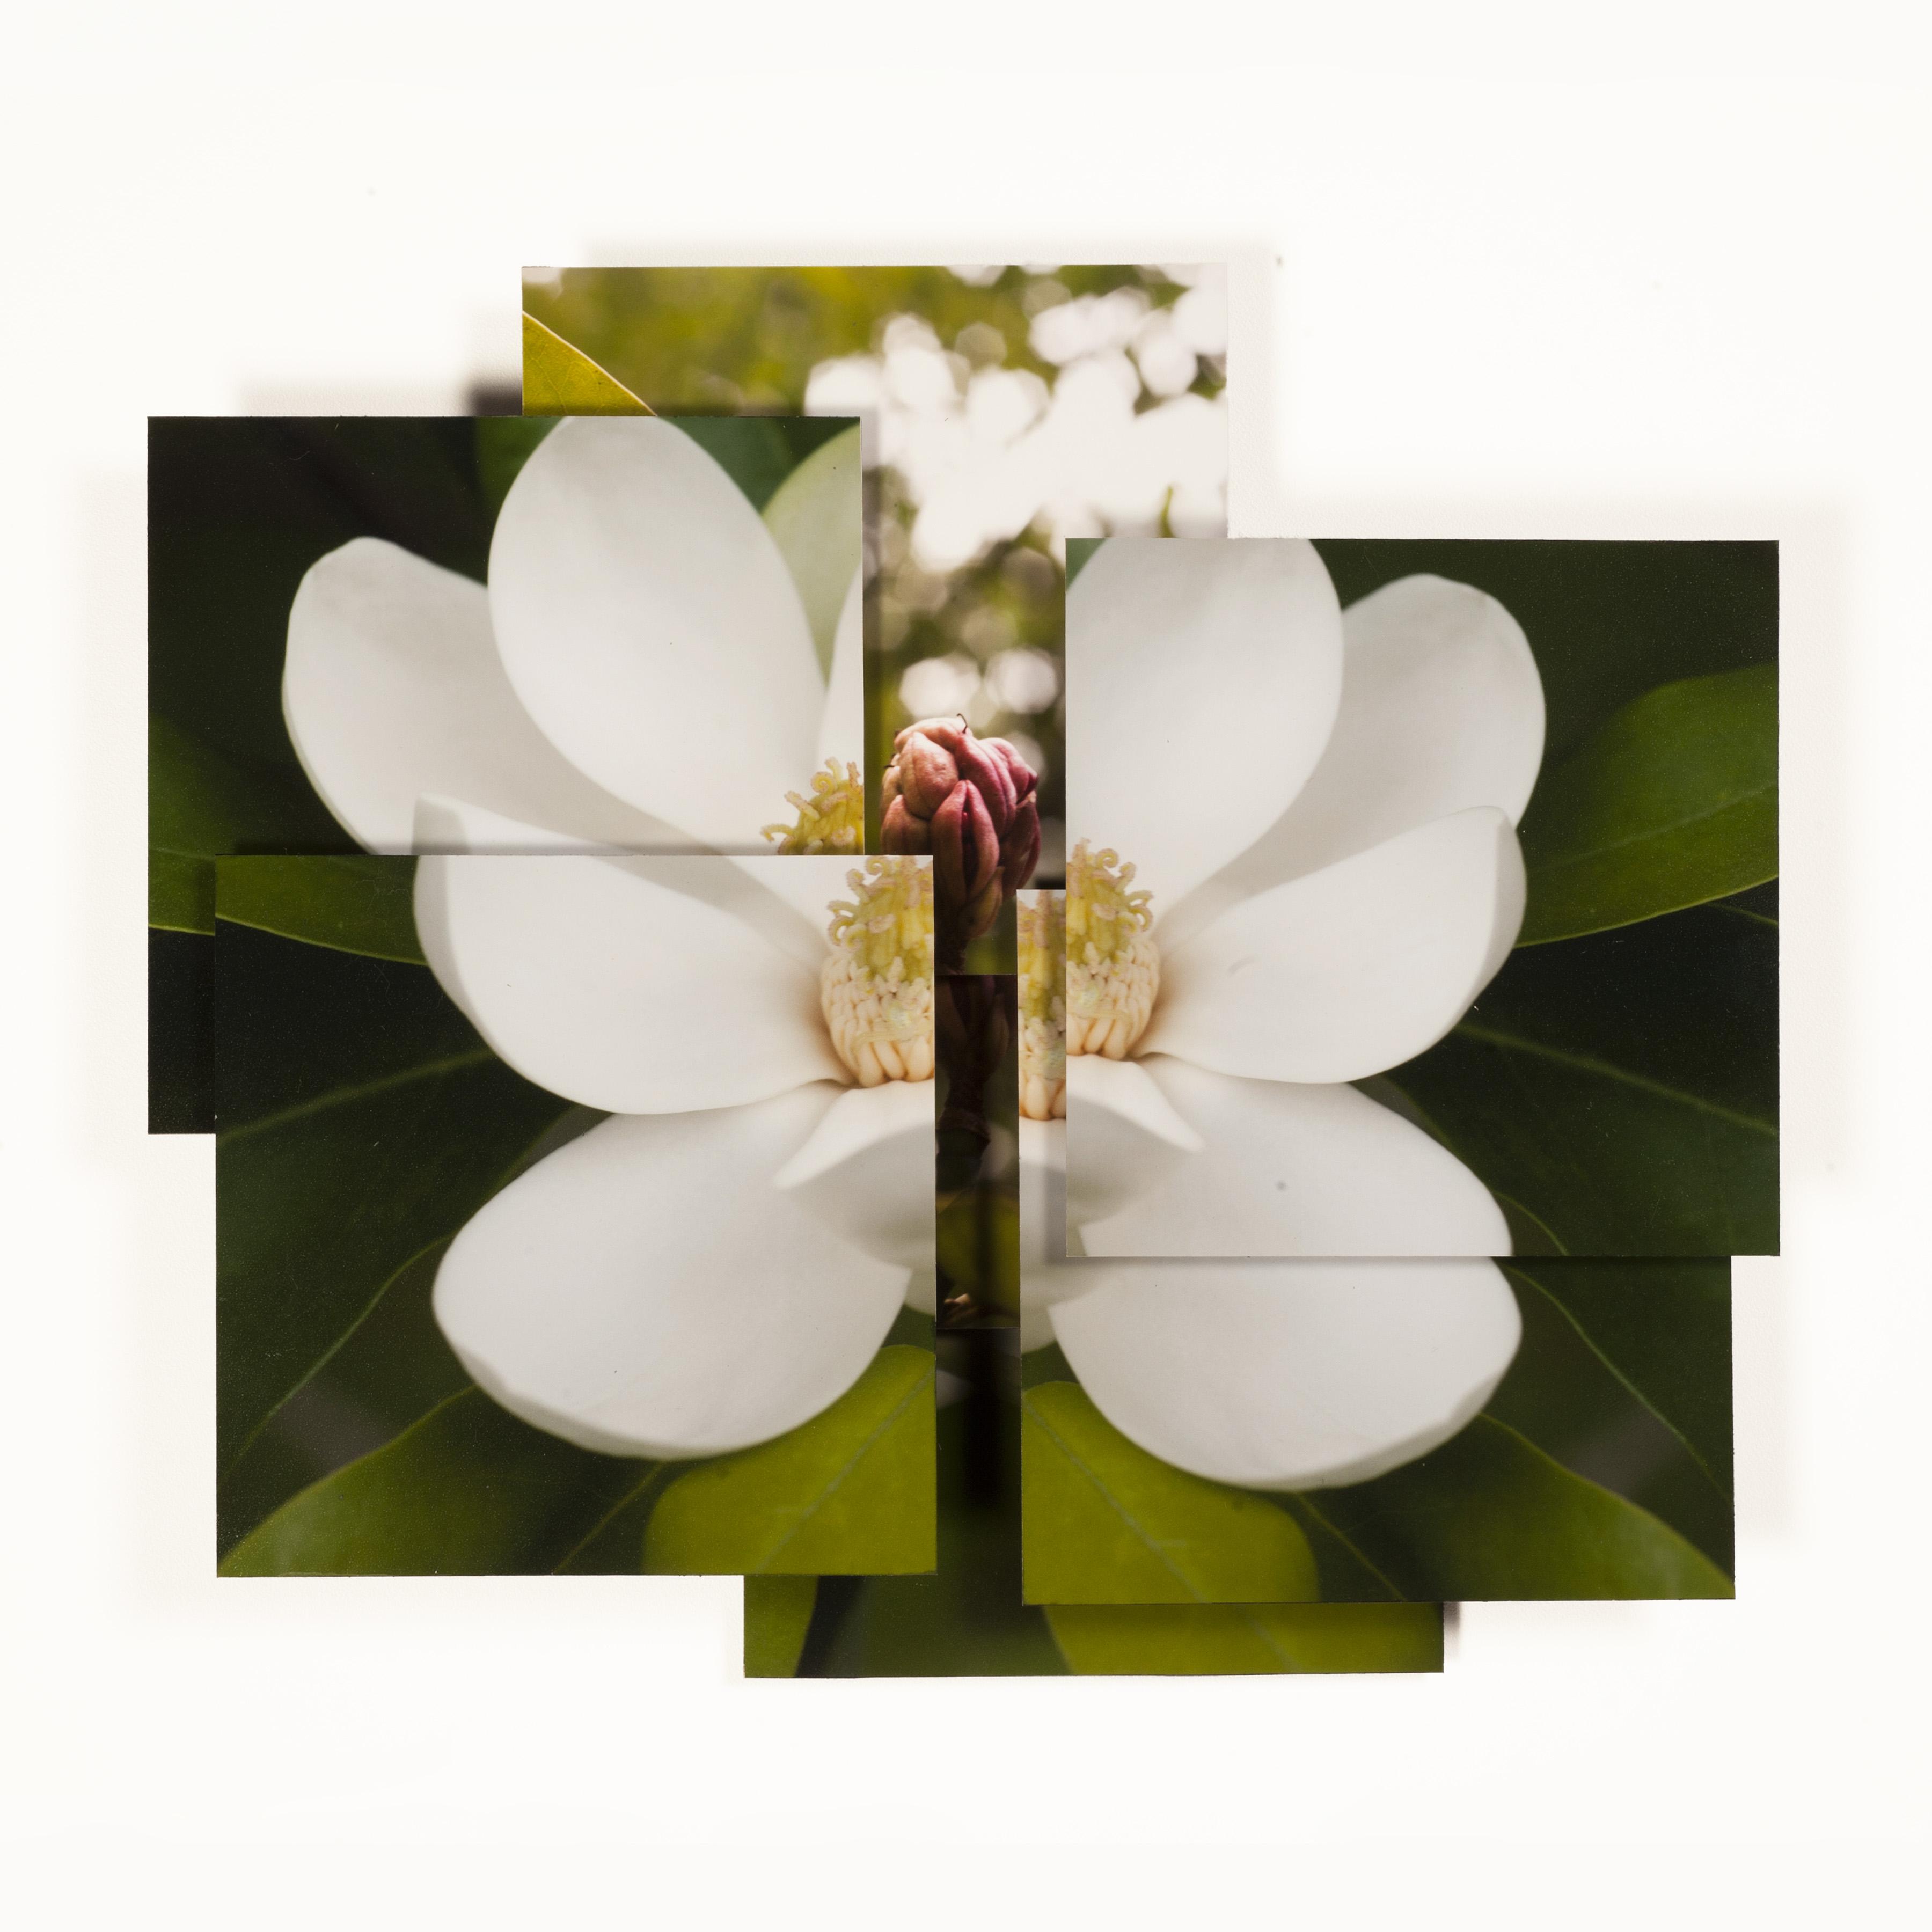 Magnolia Series -10